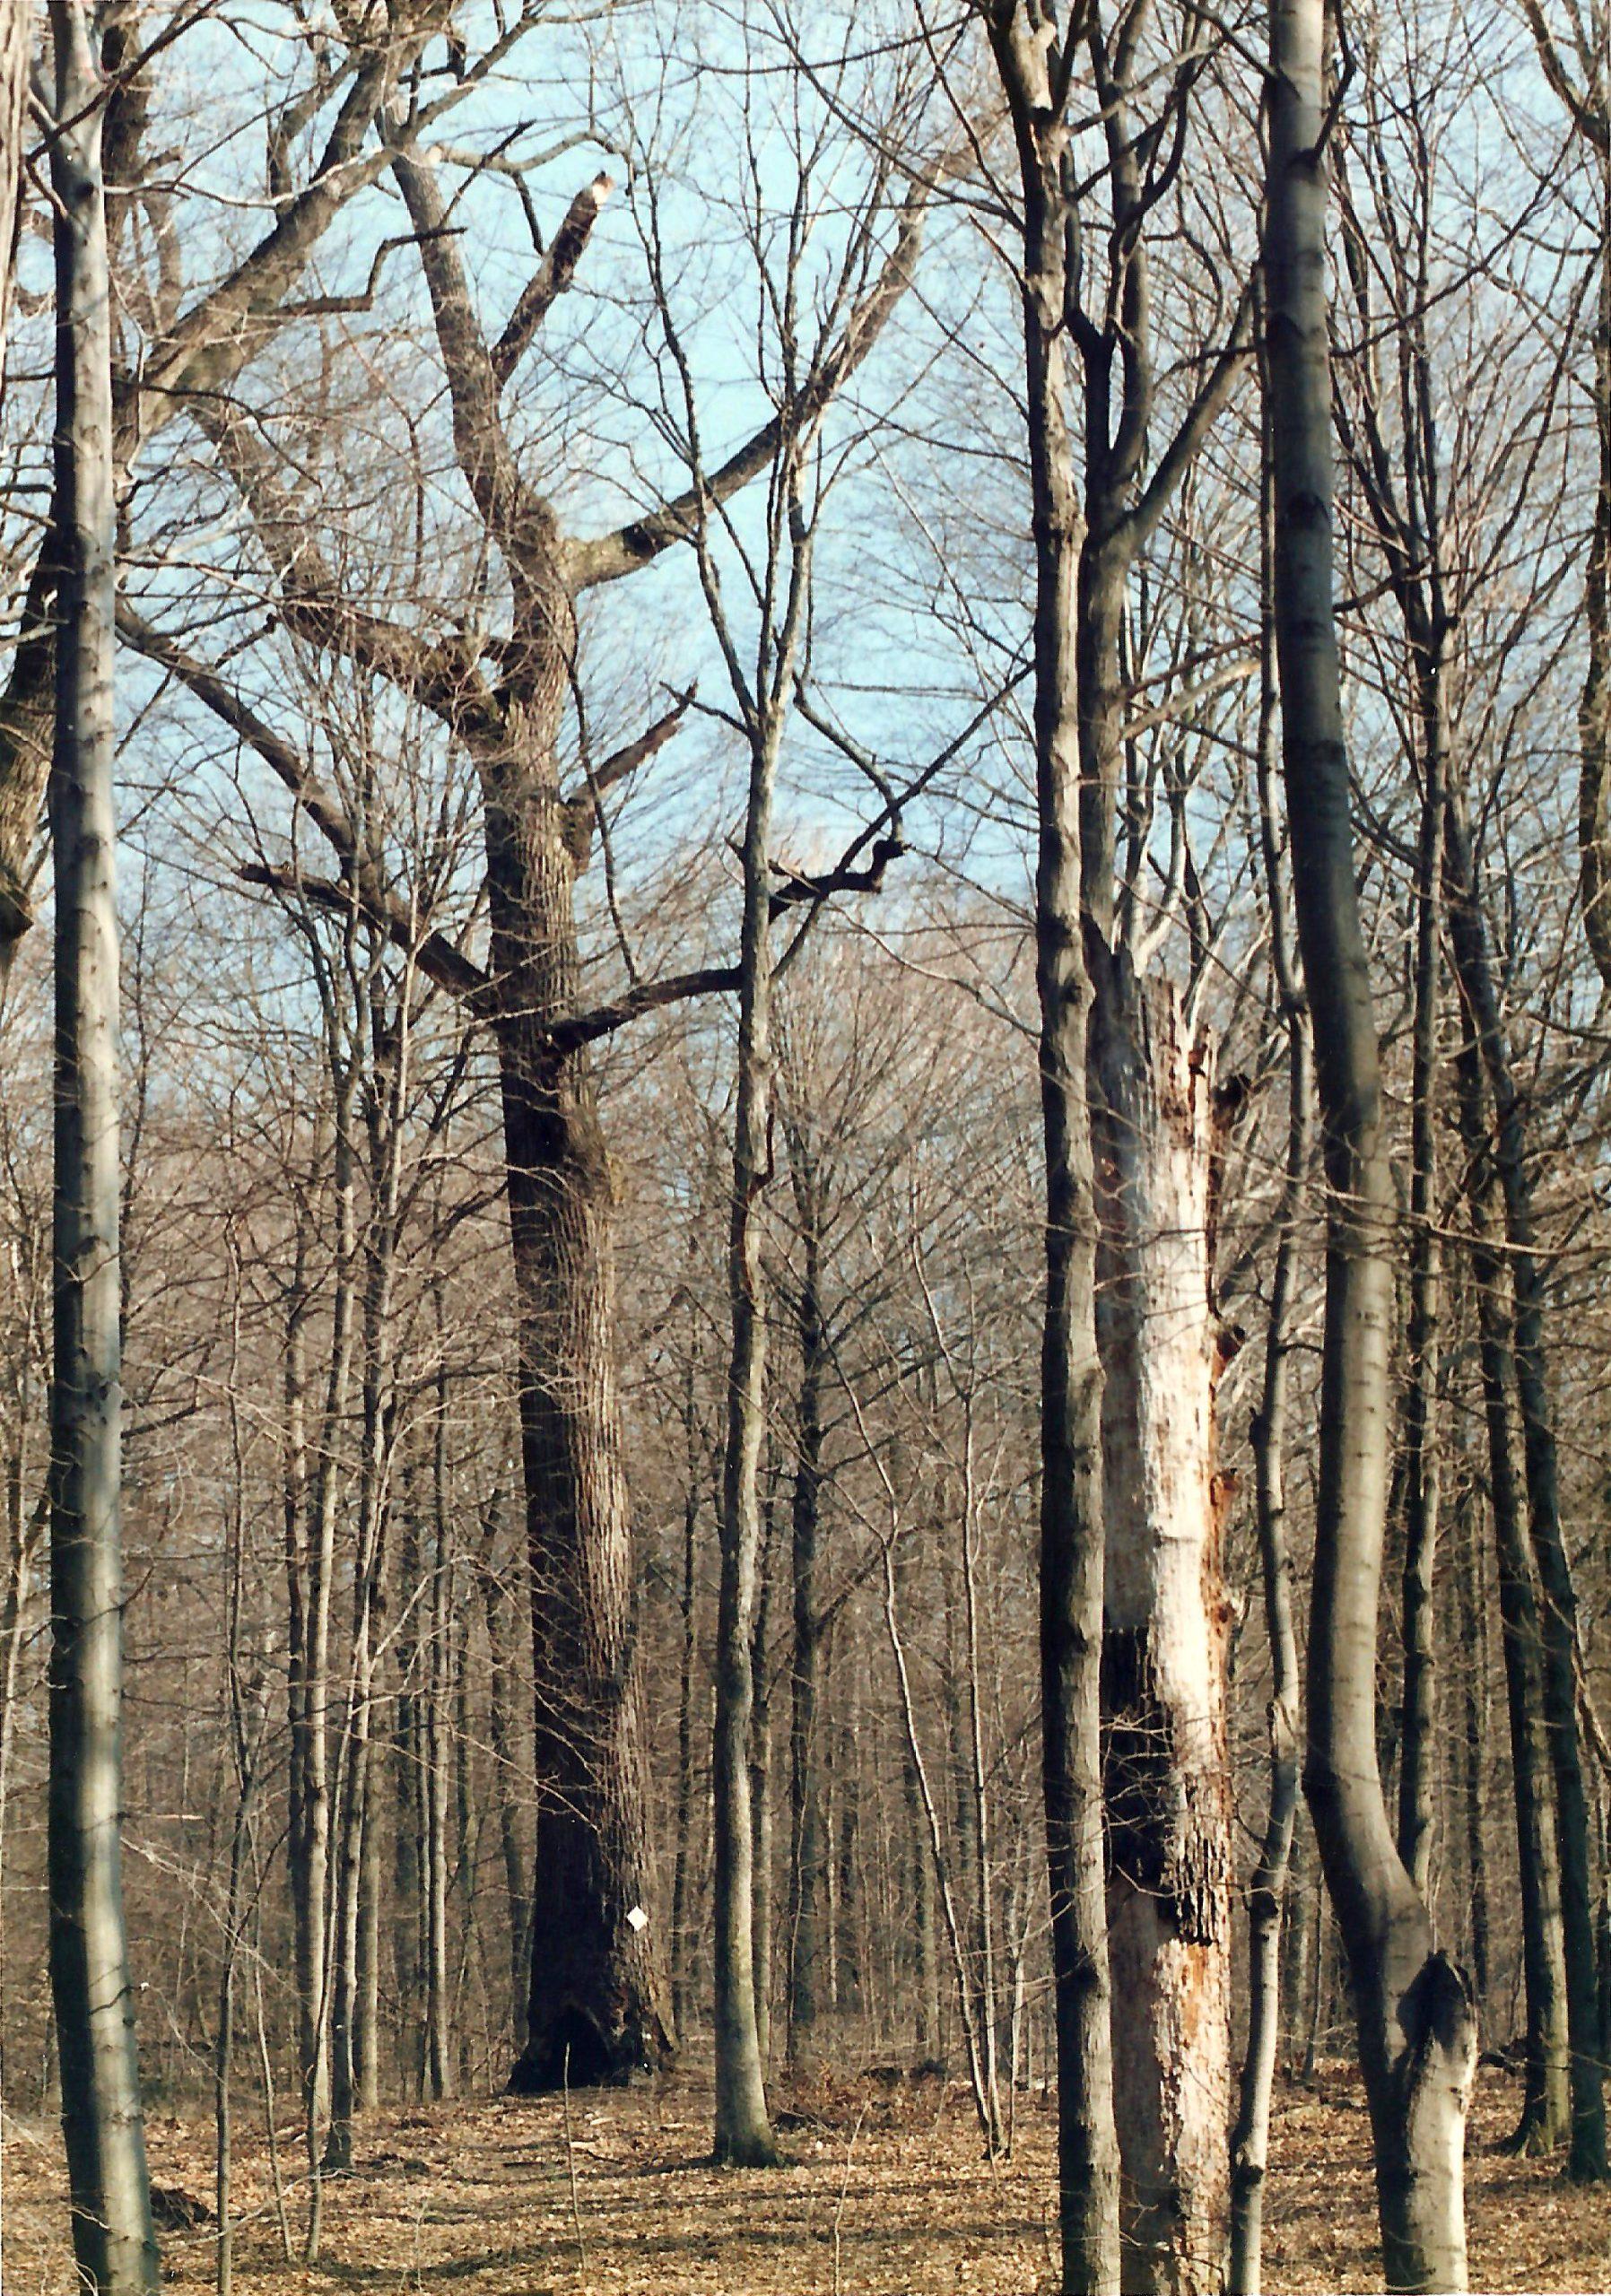 Camp Tuscazoar's oldest tree in 1991